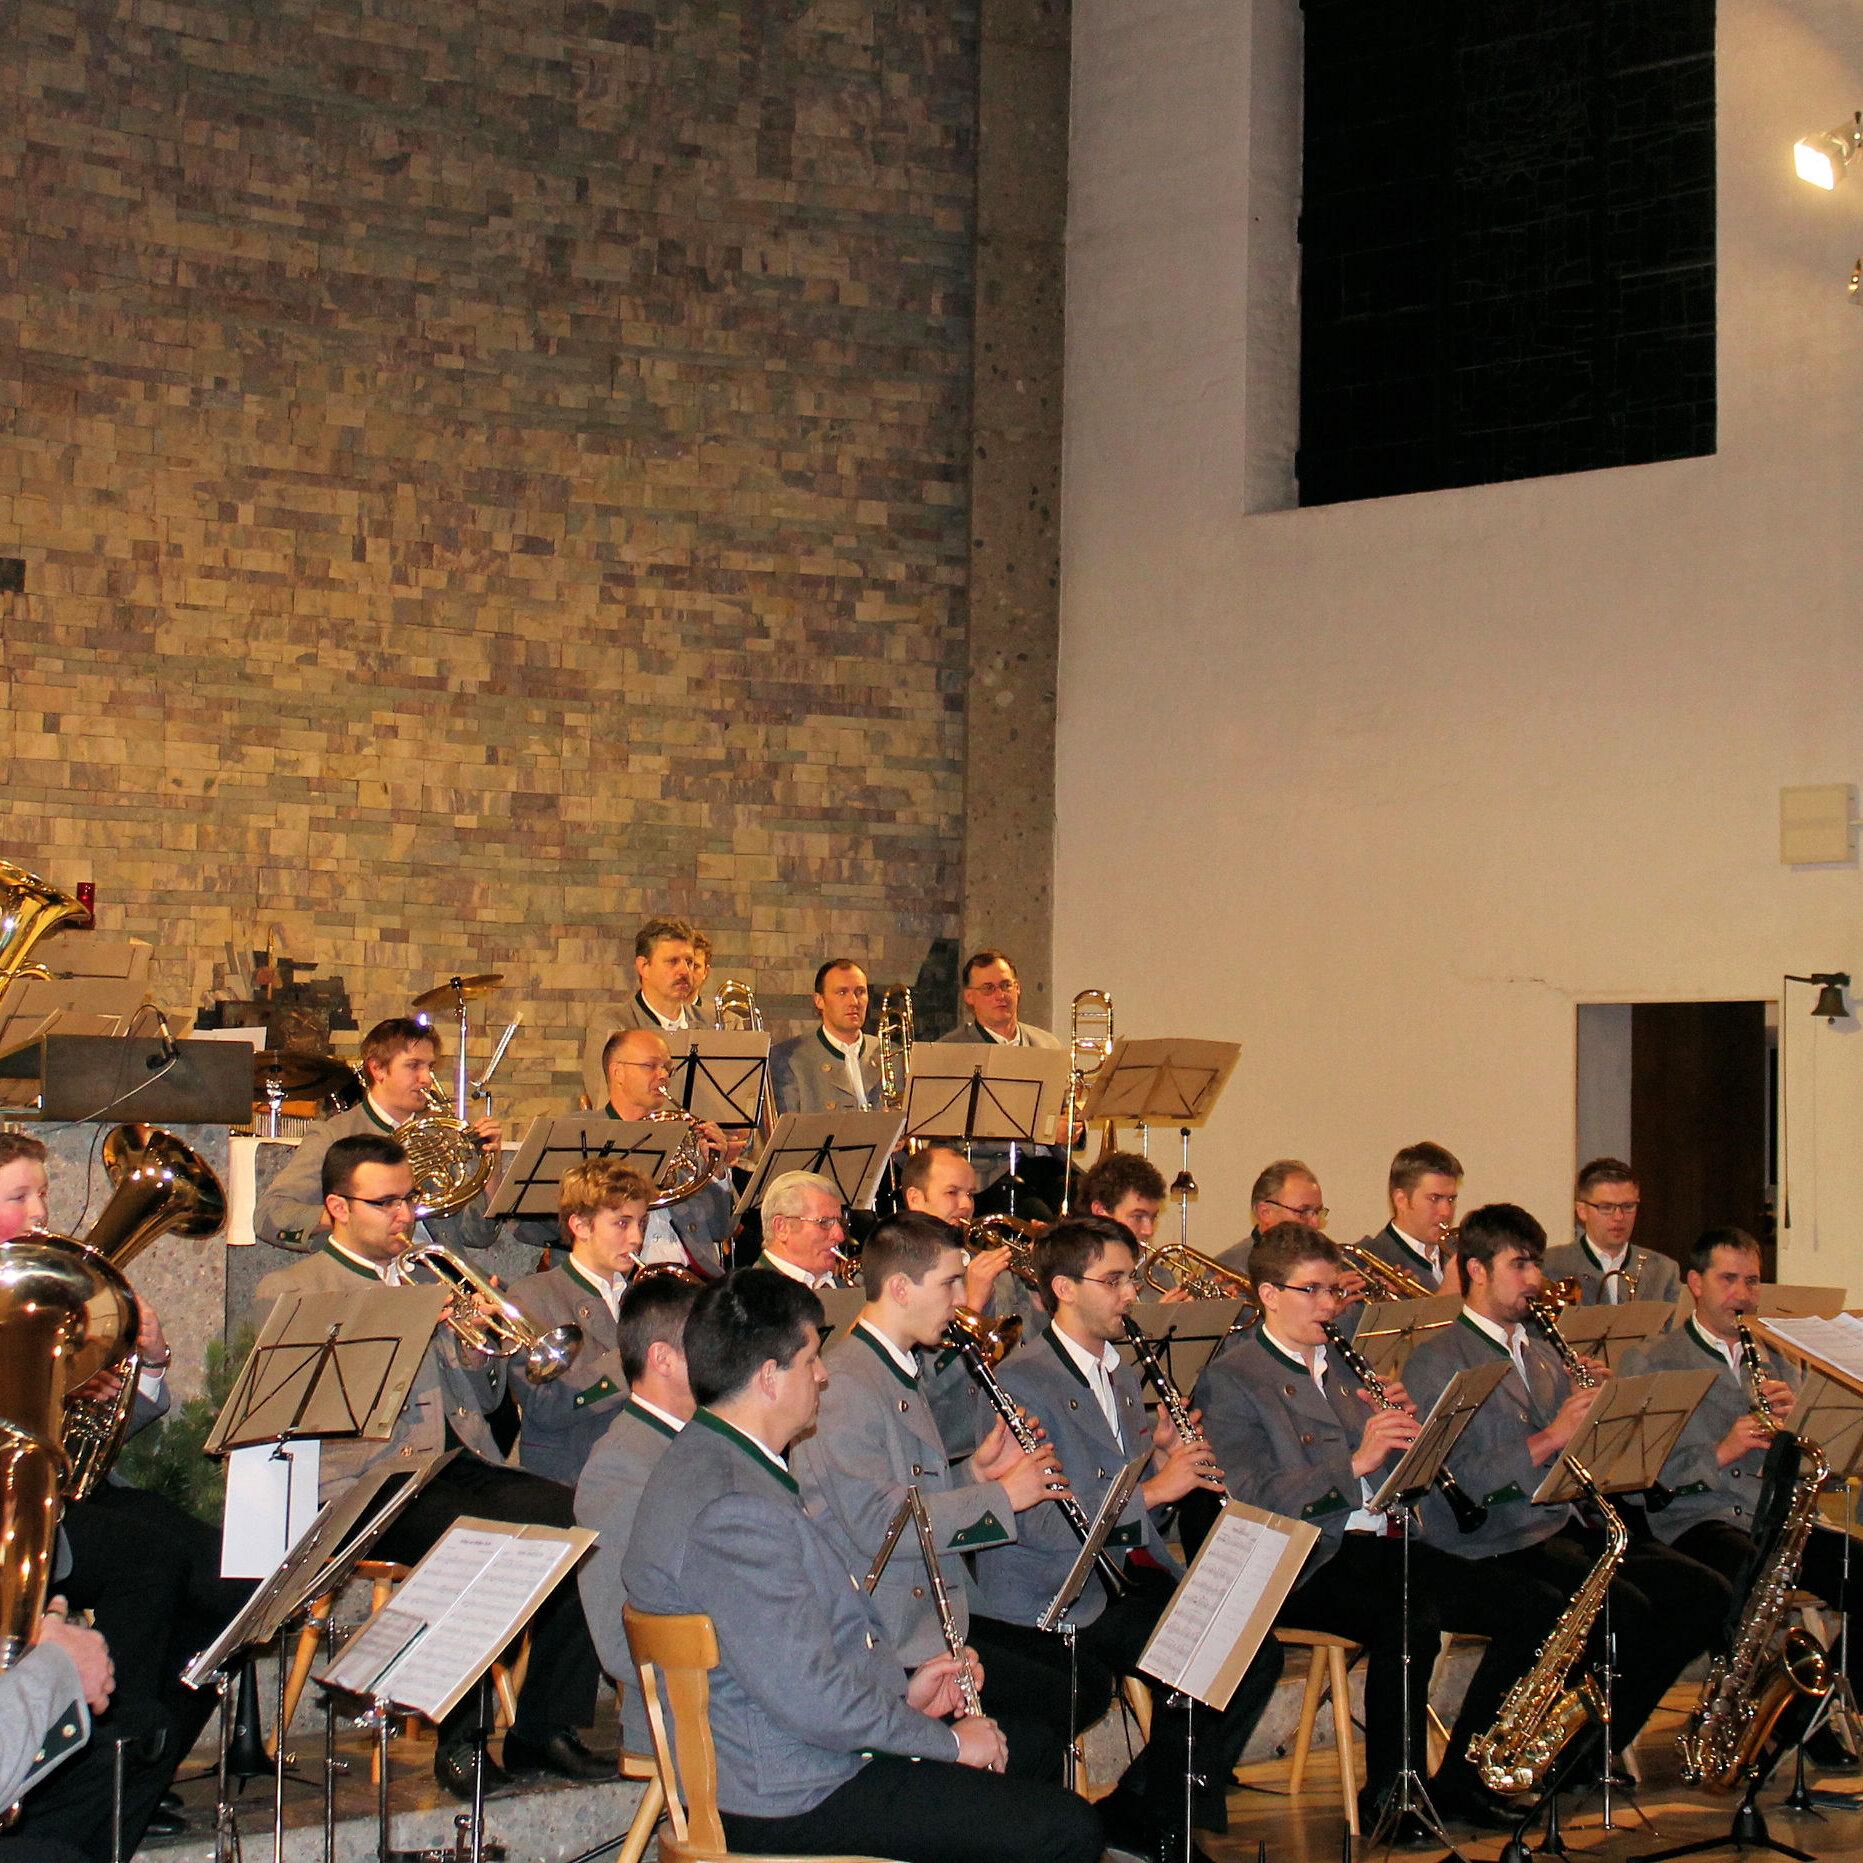 Weihnachtskonzert mit der Musikkapelle Bad Feilnbach